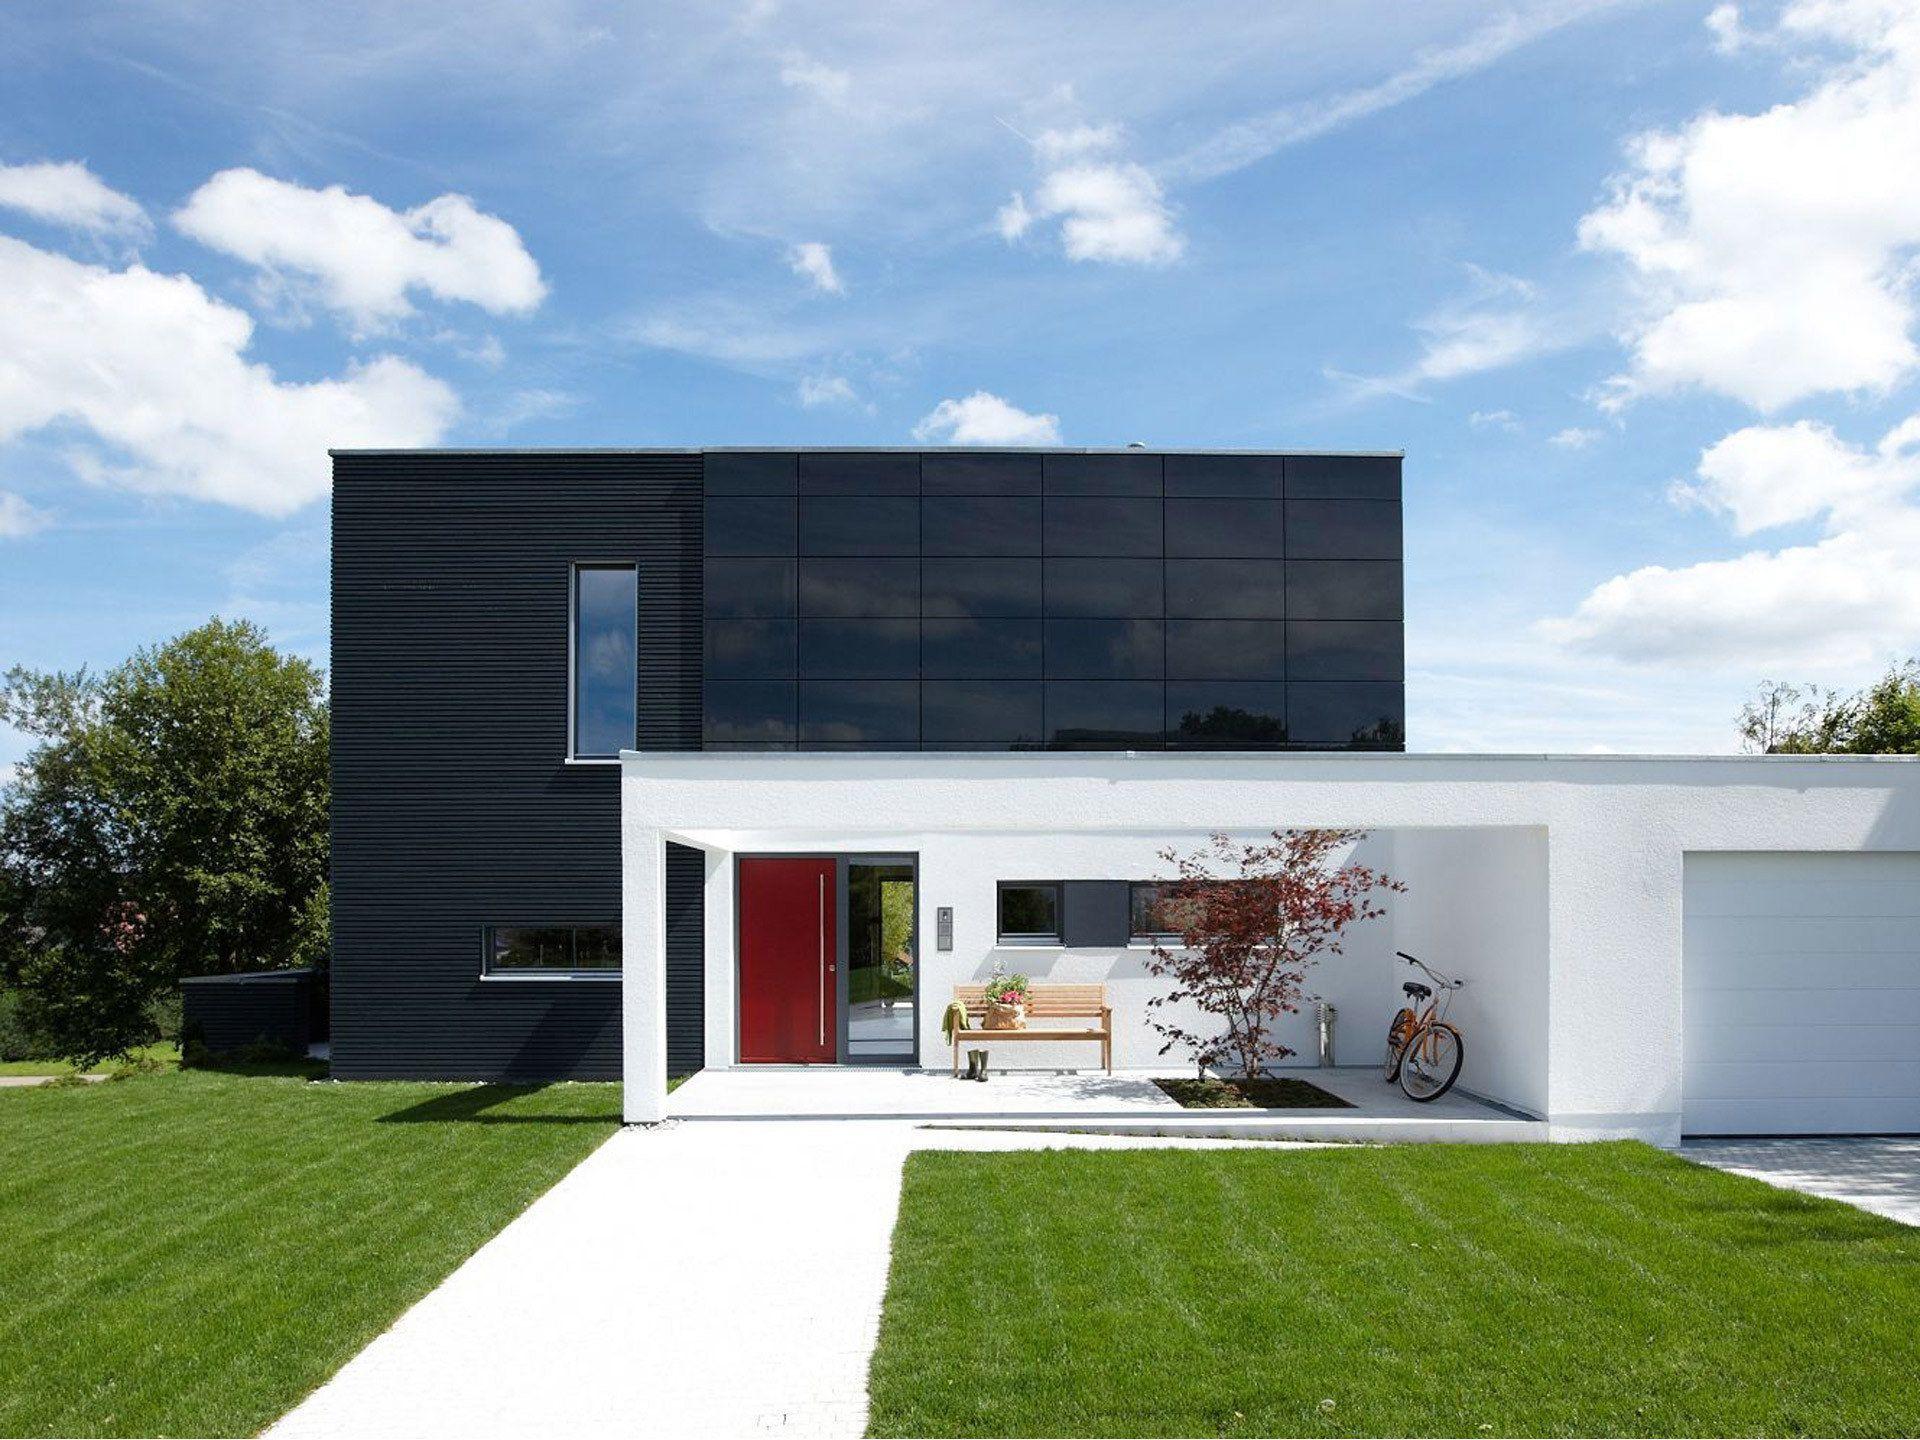 Musterhaus grundrisse haus  Energiesparhaus mit Flachdach - Musterhaus SCHÖNER WOHNEN-Haus ...